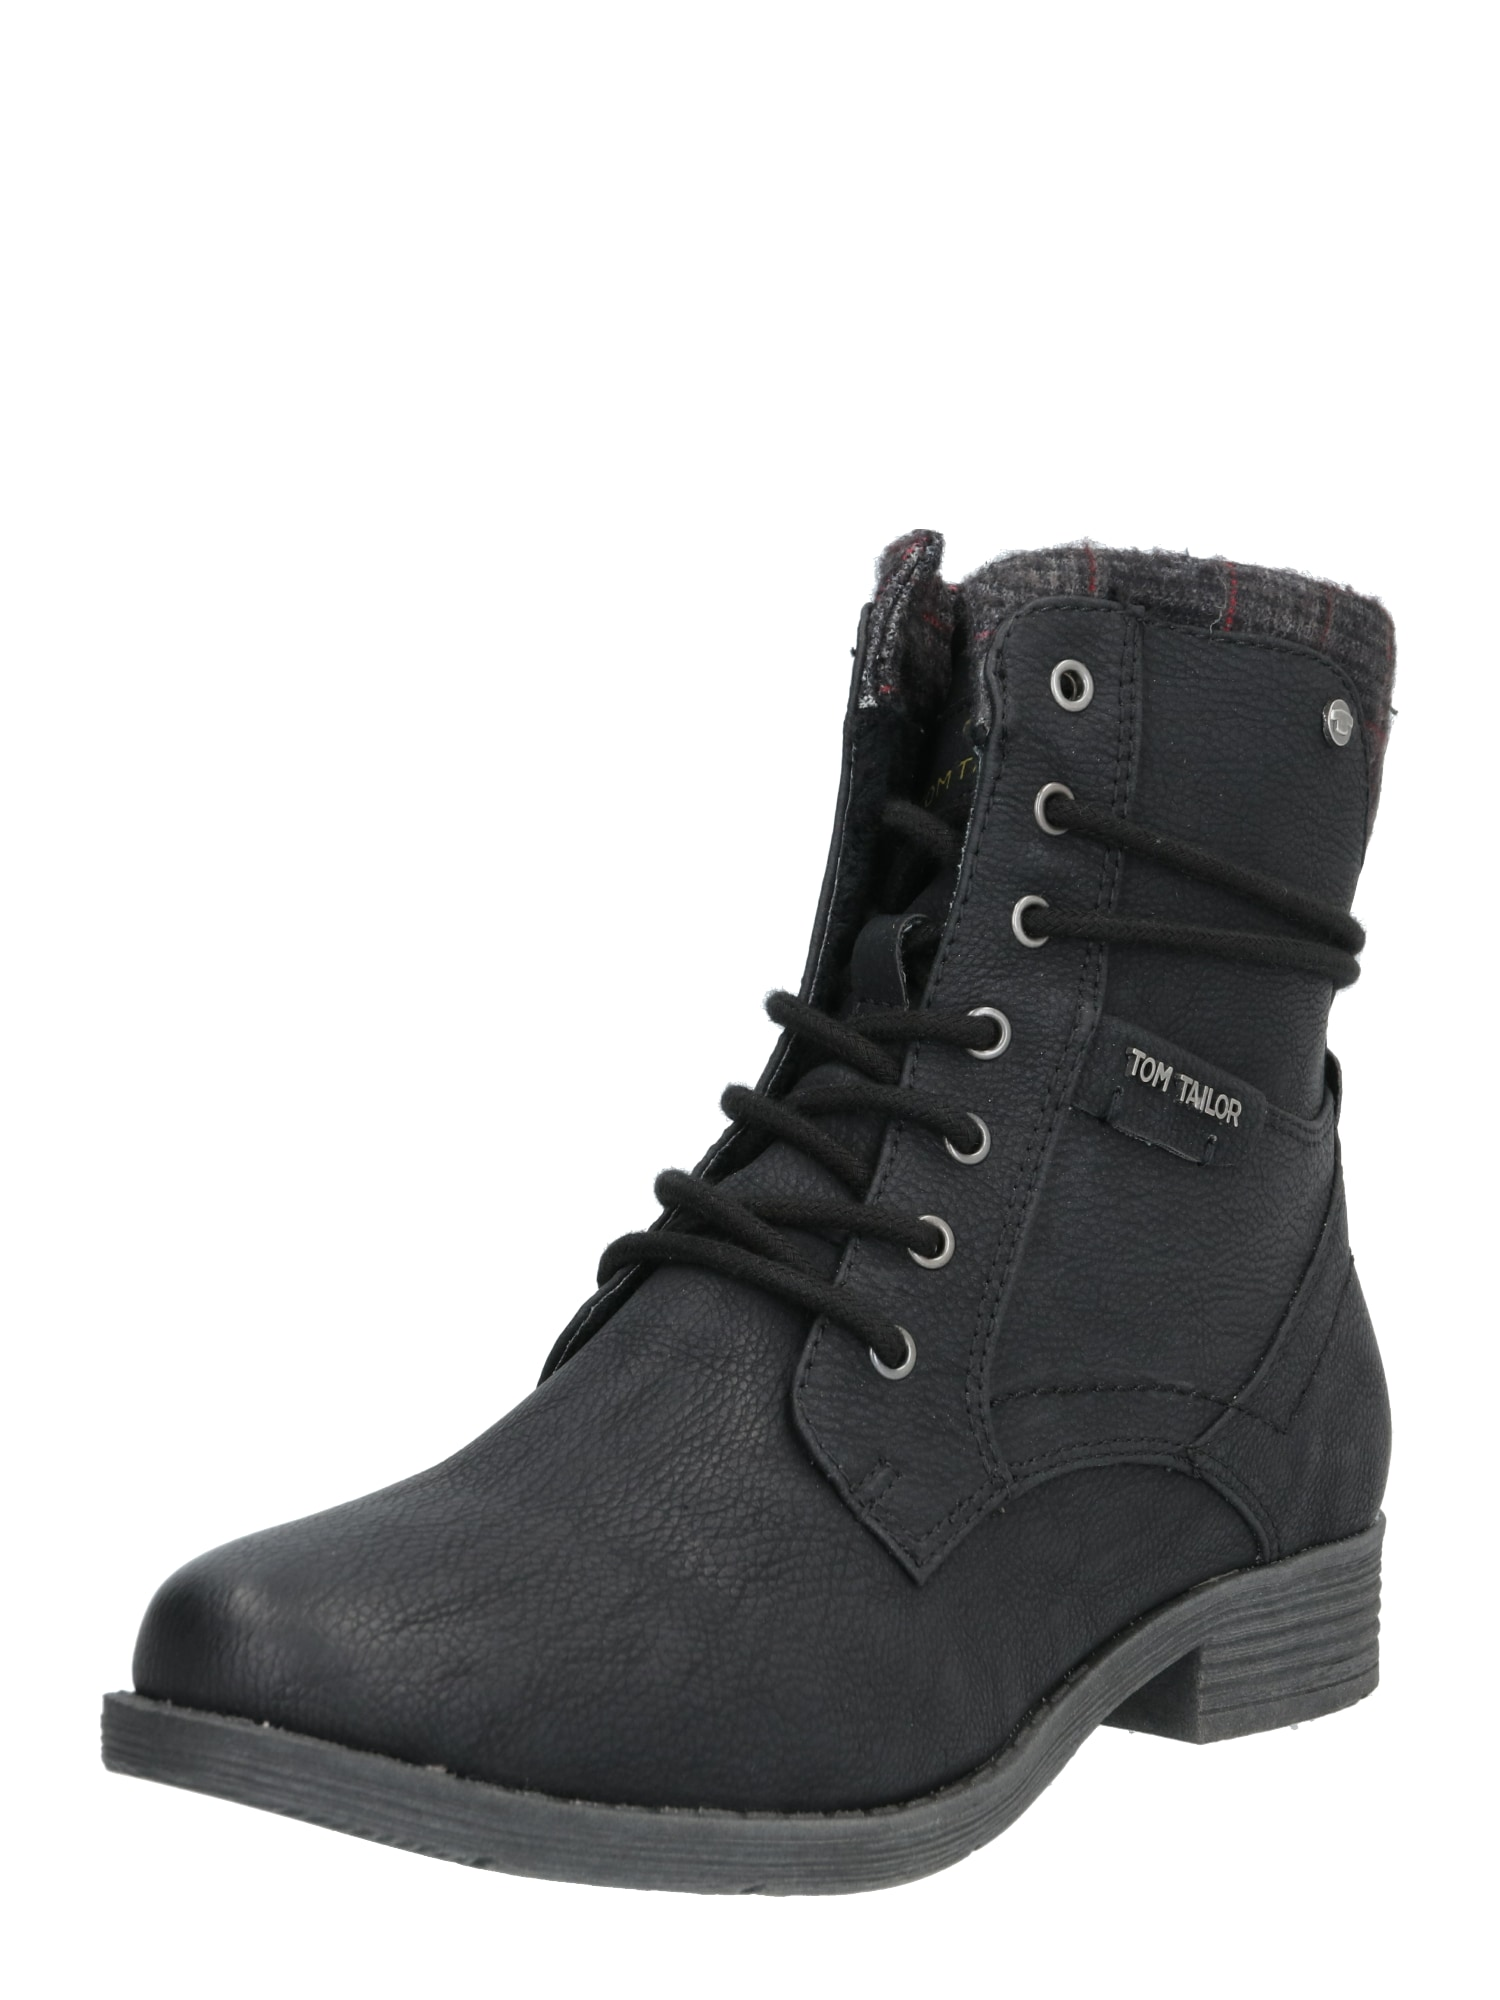 Stiefellette   Schuhe > Stiefeletten > Schnürstiefeletten   TOM TAILOR